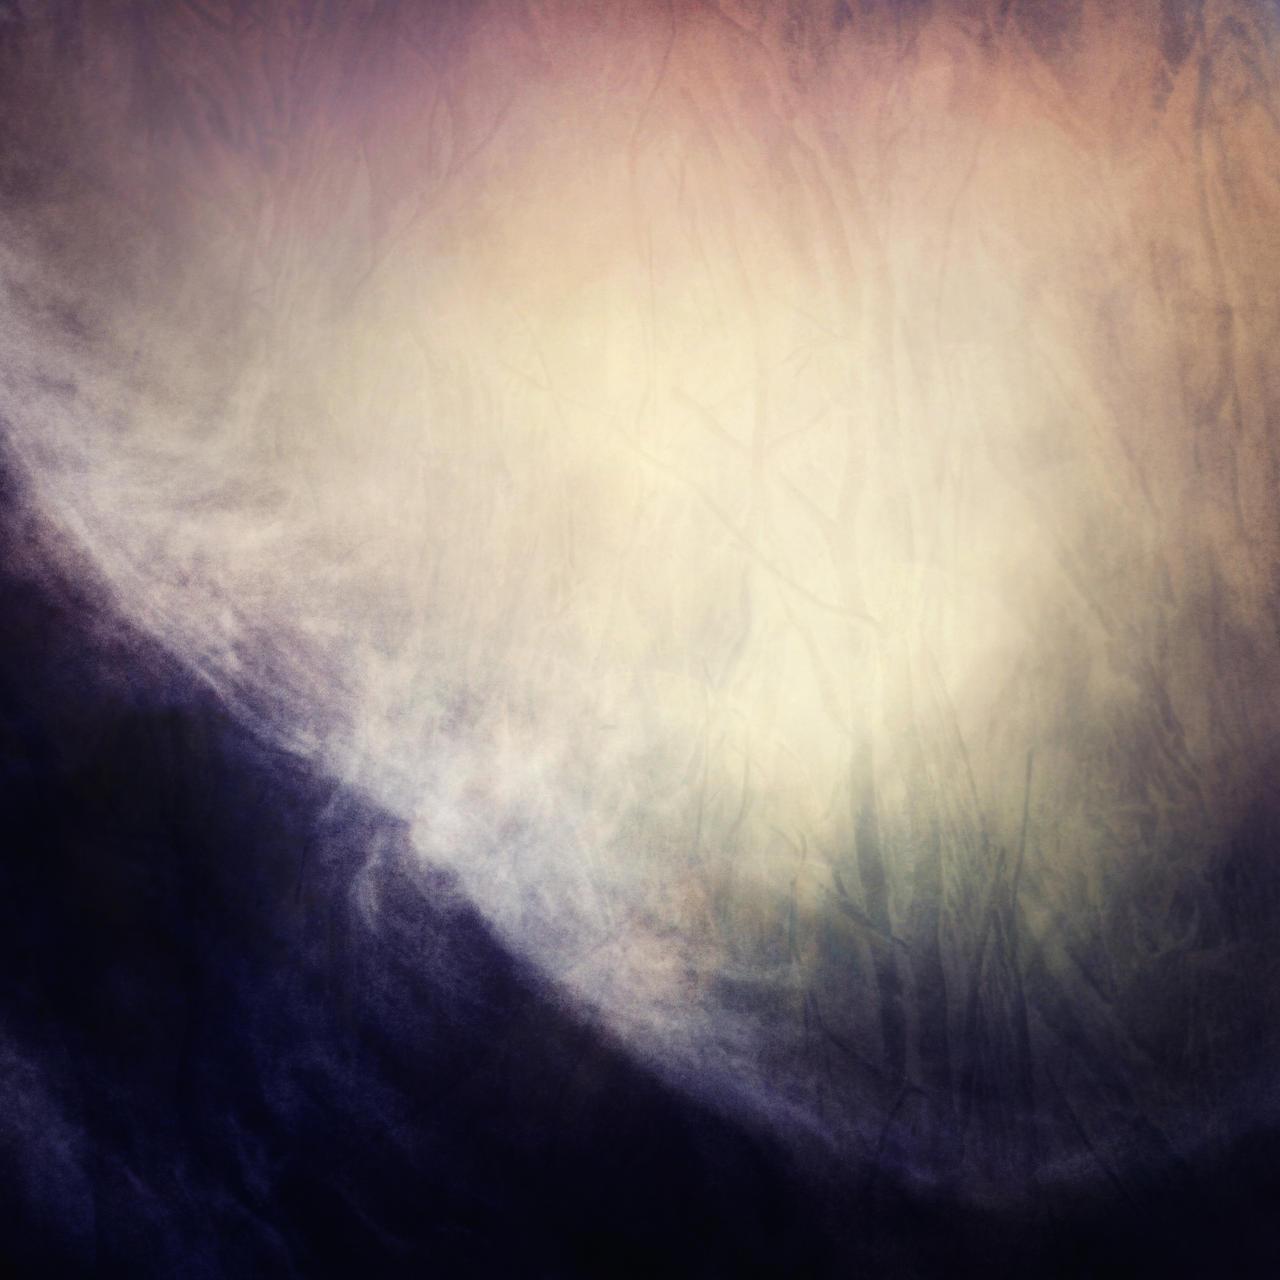 Texture 334 by Sirius-sdz